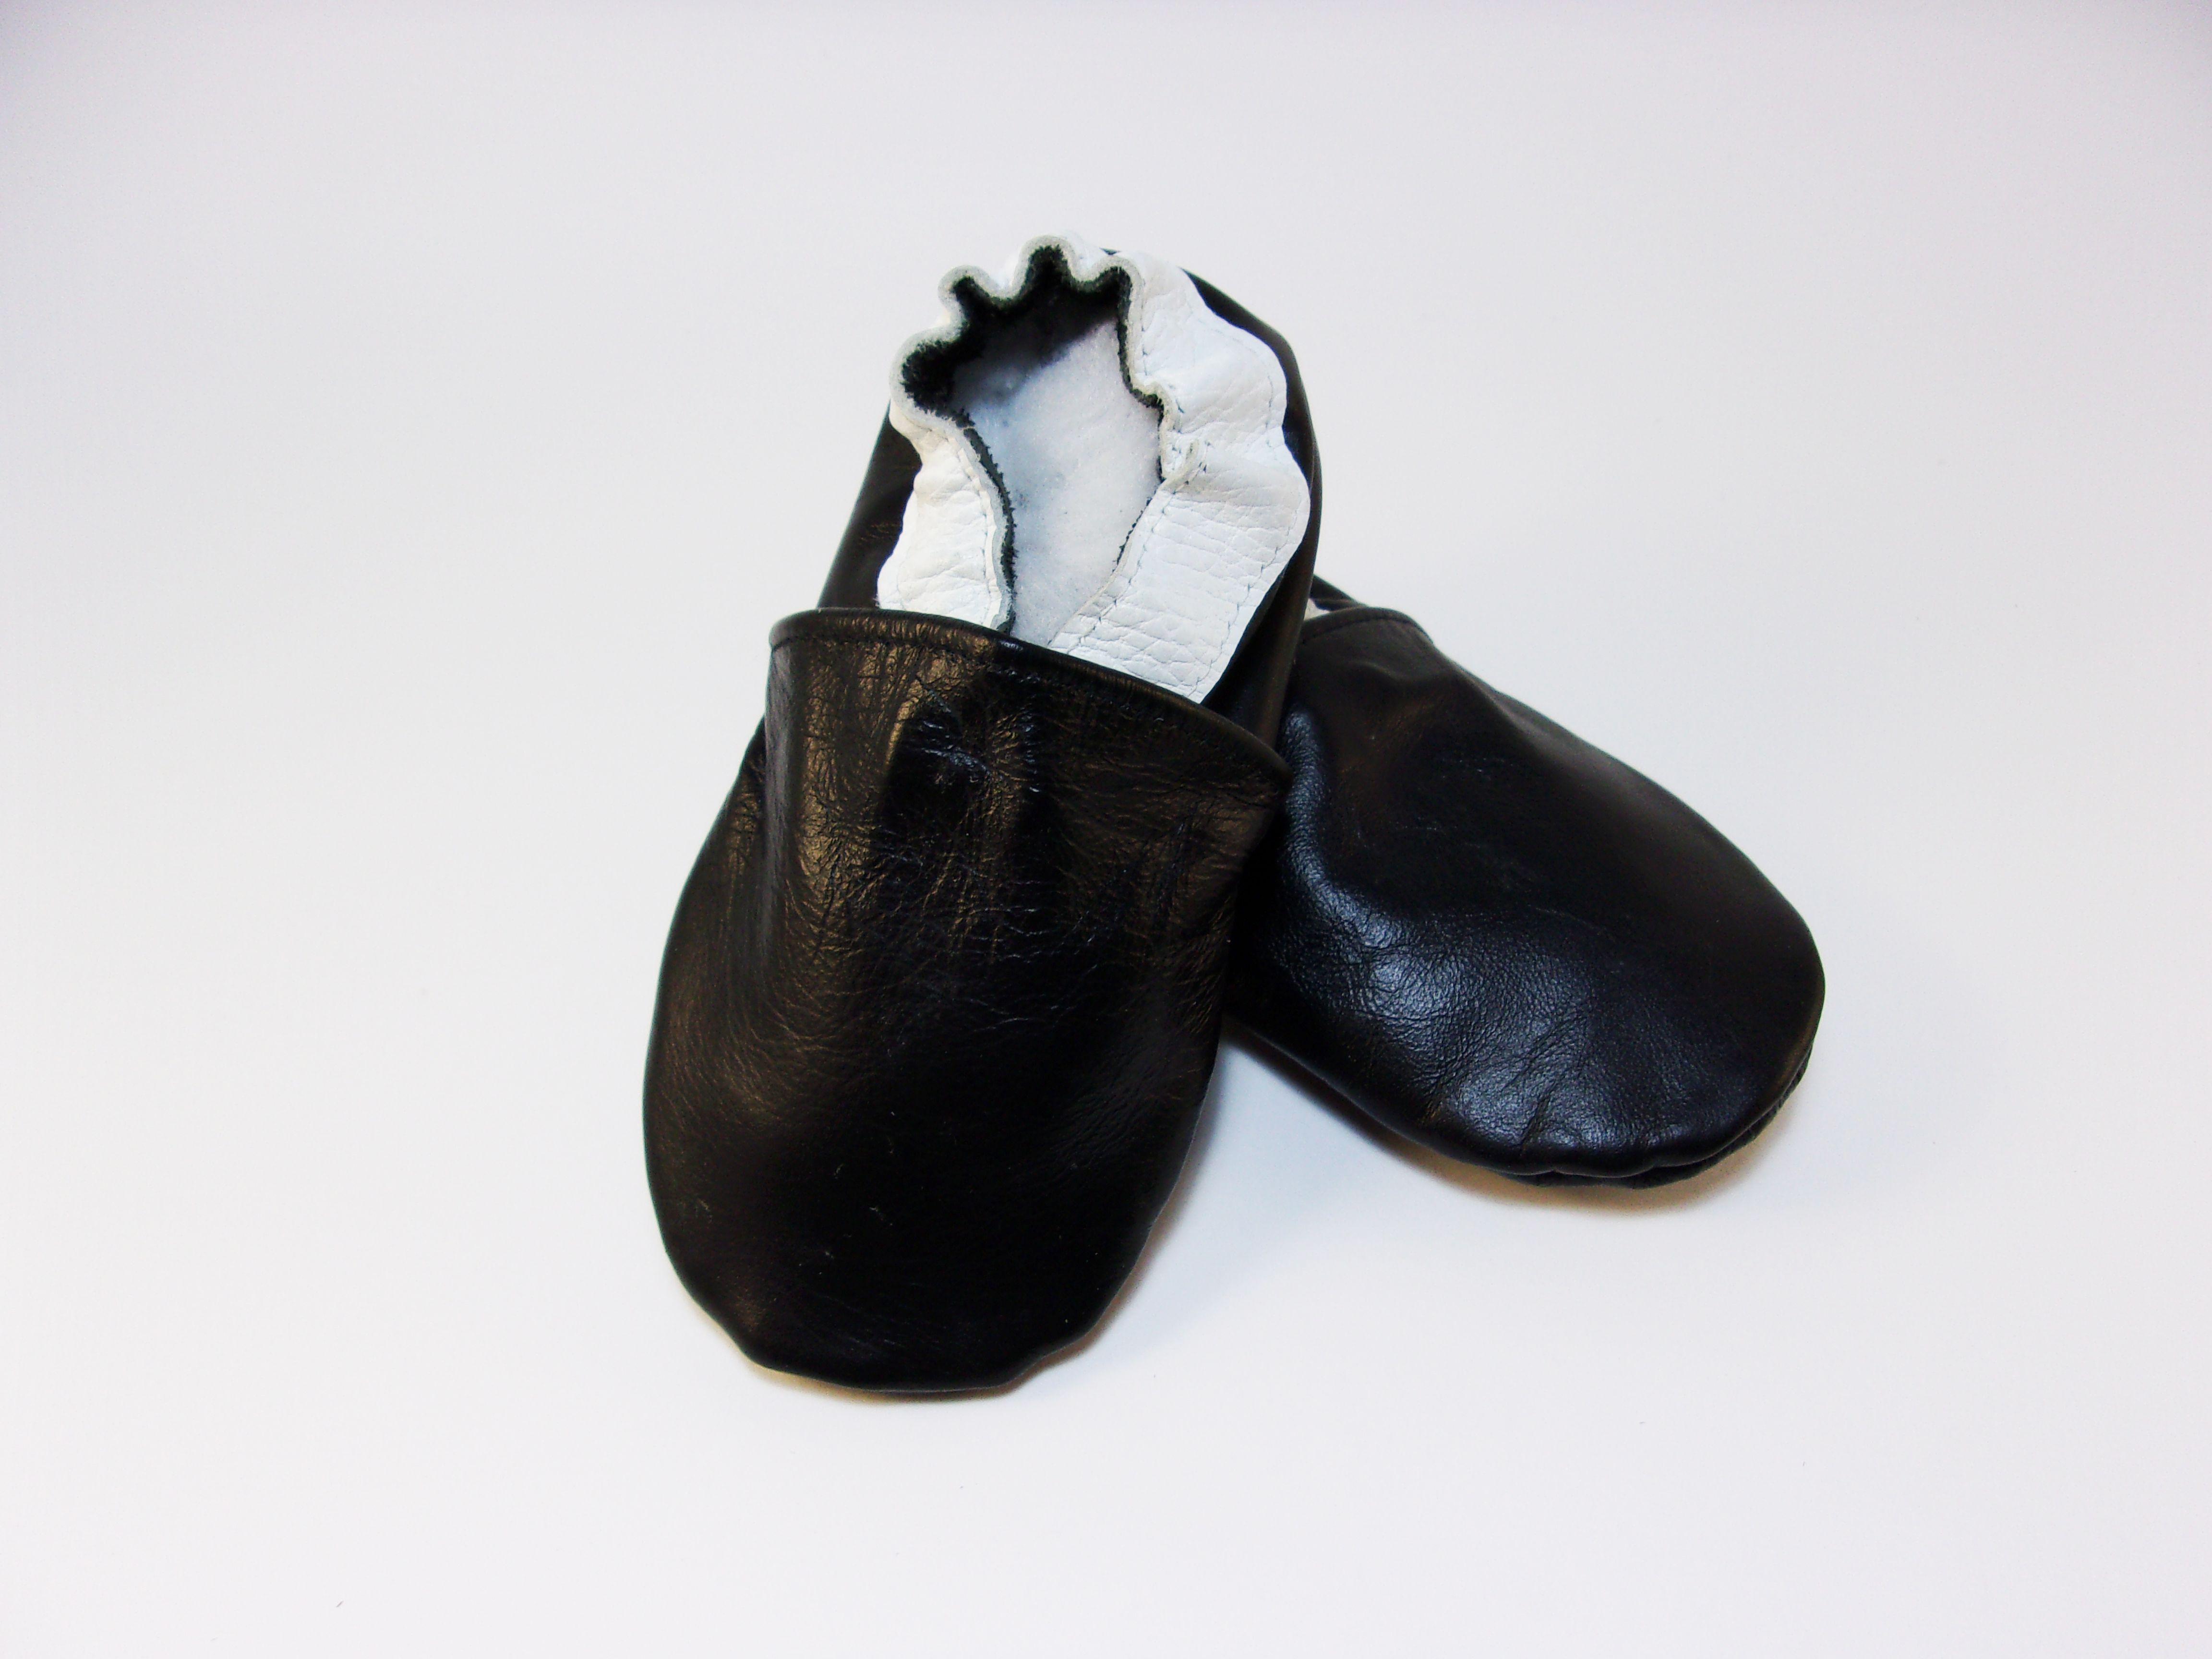 чешки кожаные тапочки малышей для обувь кожаная